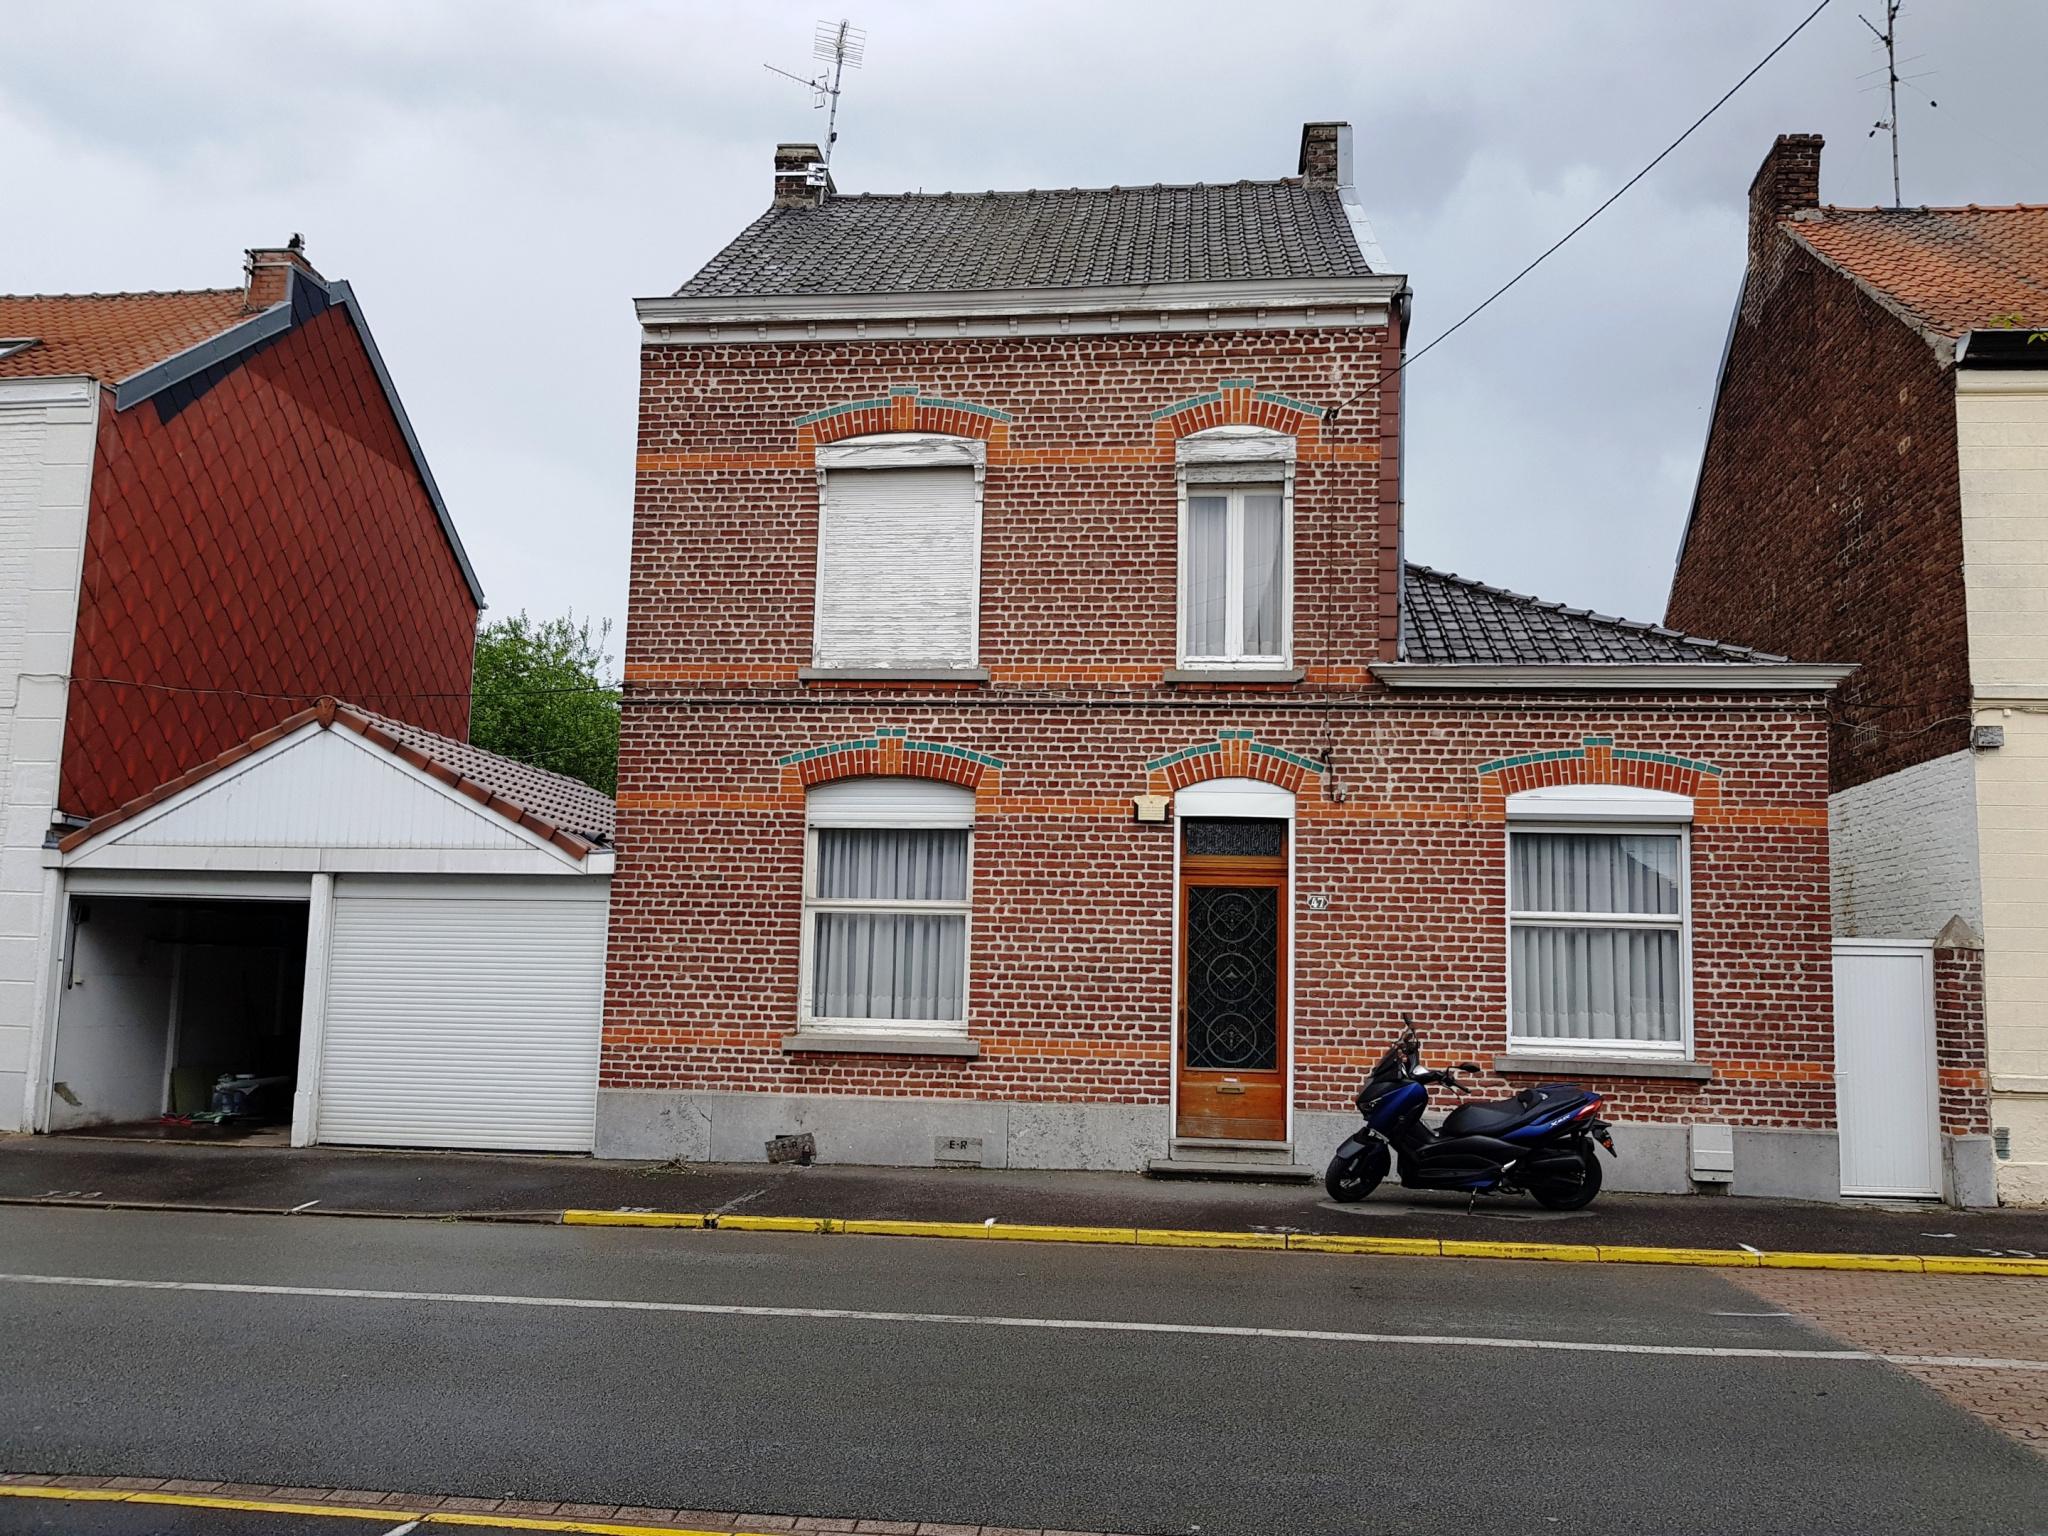 Vente maison individuelle - Garage petit sains en gohelle ...